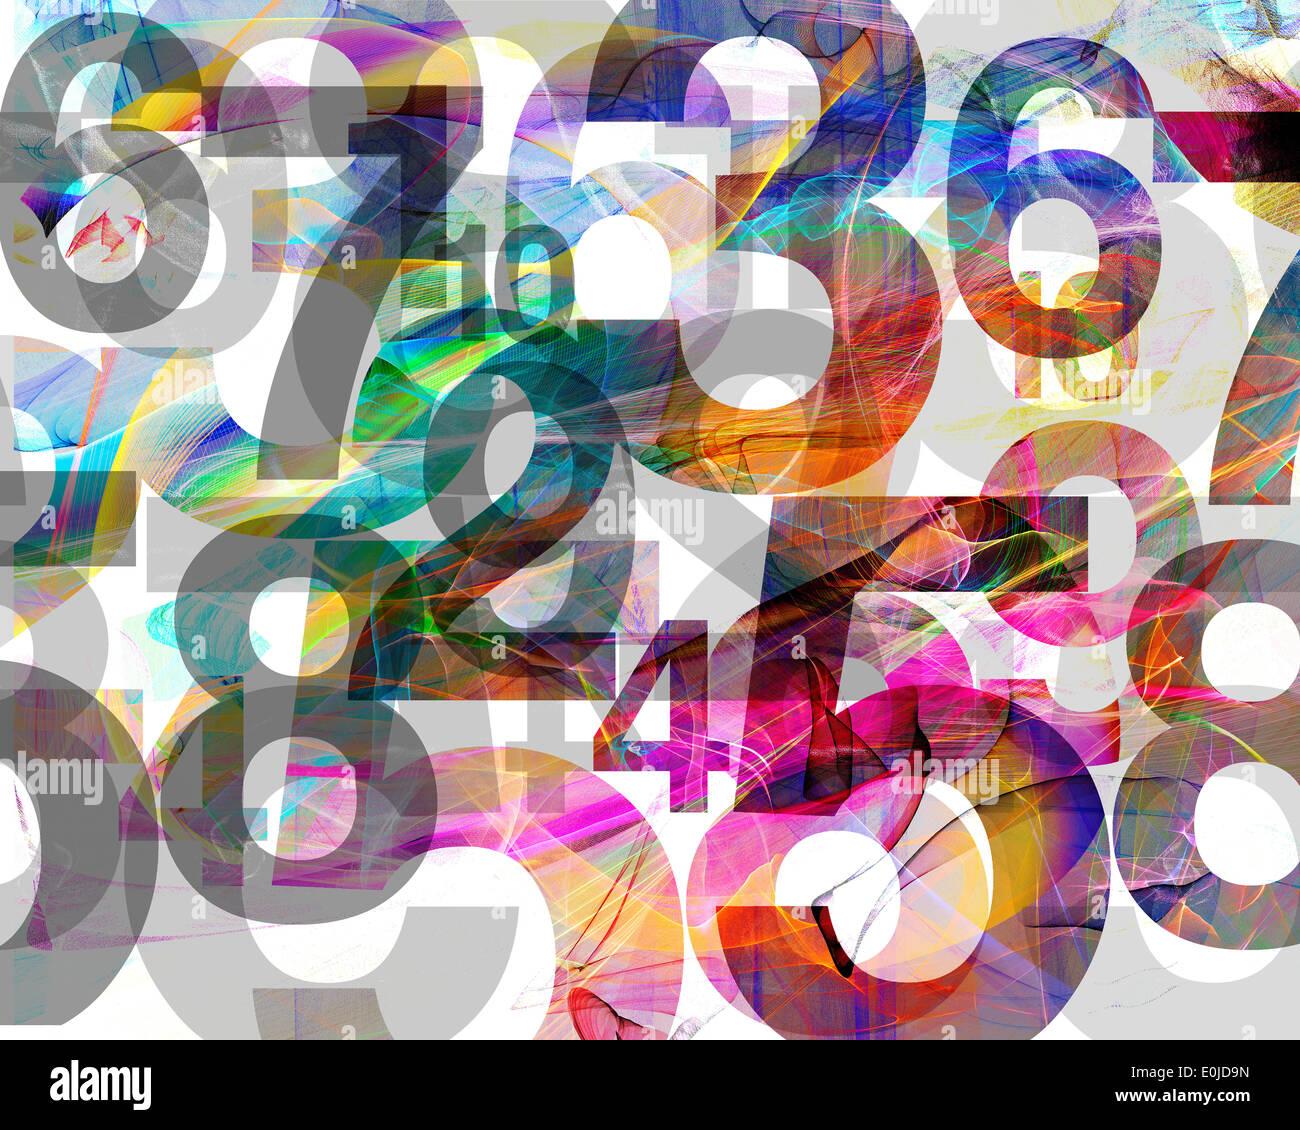 GRAPHIC DESIGN: Il gioco dei numeri Immagini Stock